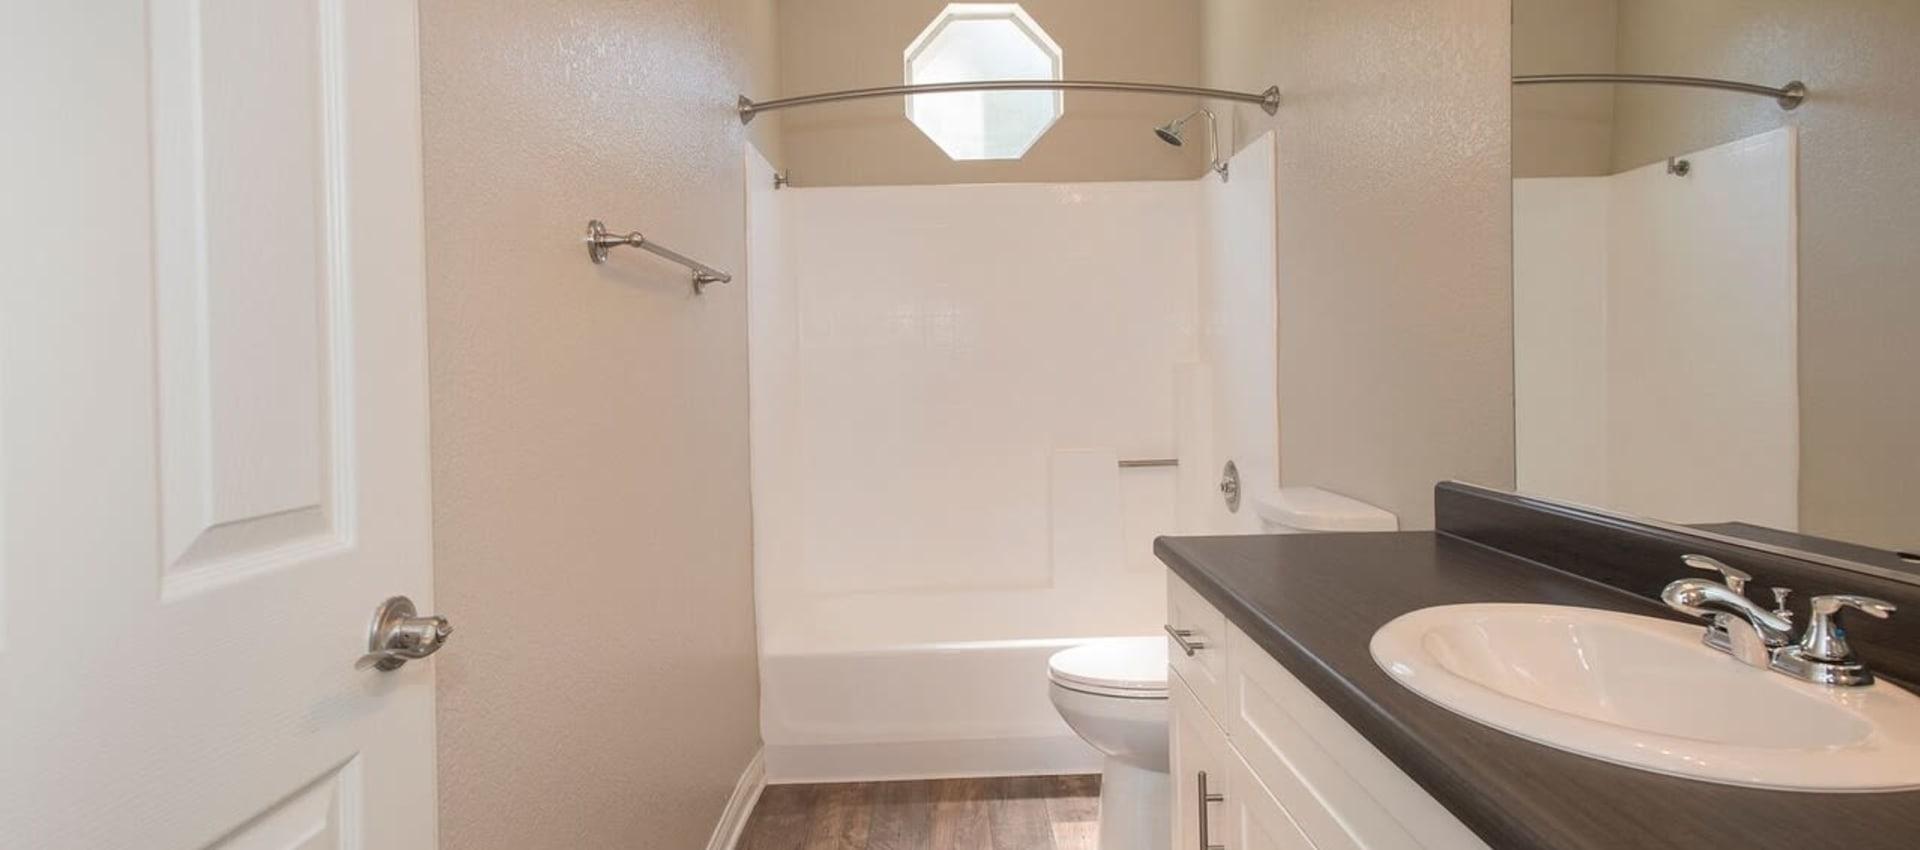 Bathroom at Niguel Summit Condominium Rentals in Laguna Niguel, CA